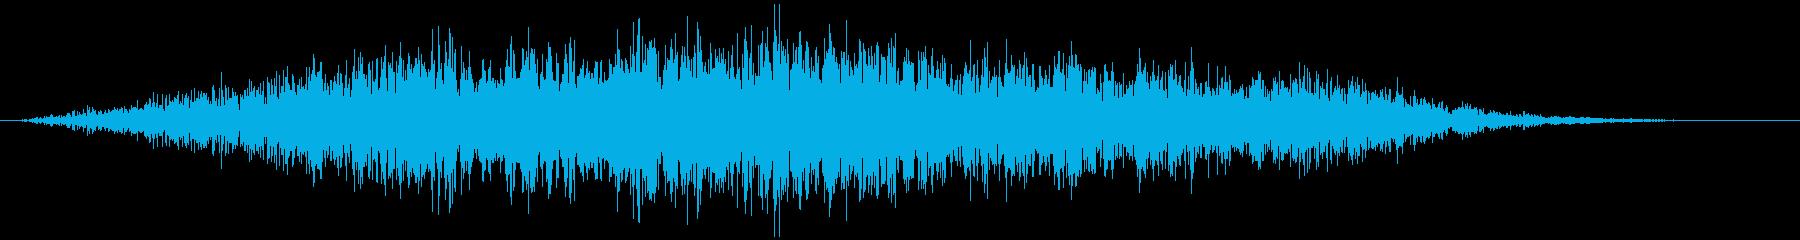 不協和音ハウリング【ホラー】ビィォォォンの再生済みの波形